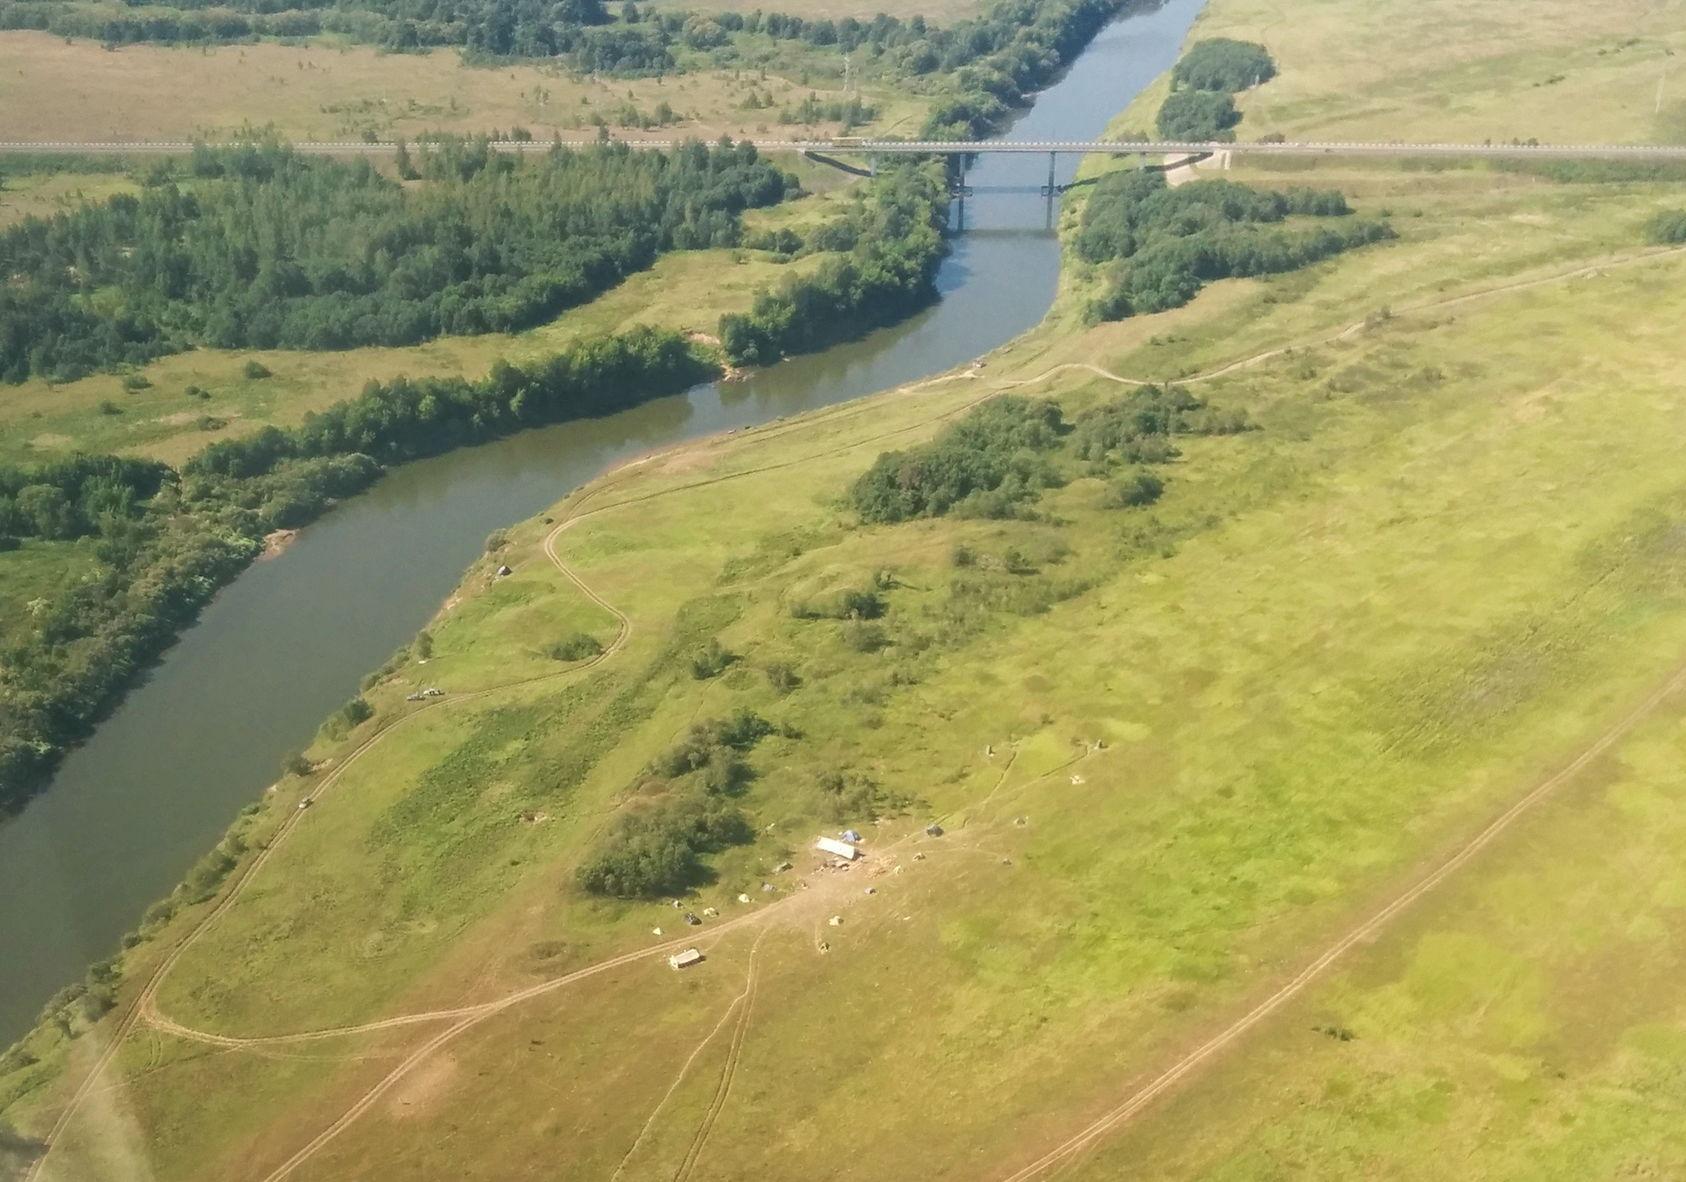 Днепровская курганная группа. Вид с воздуха.